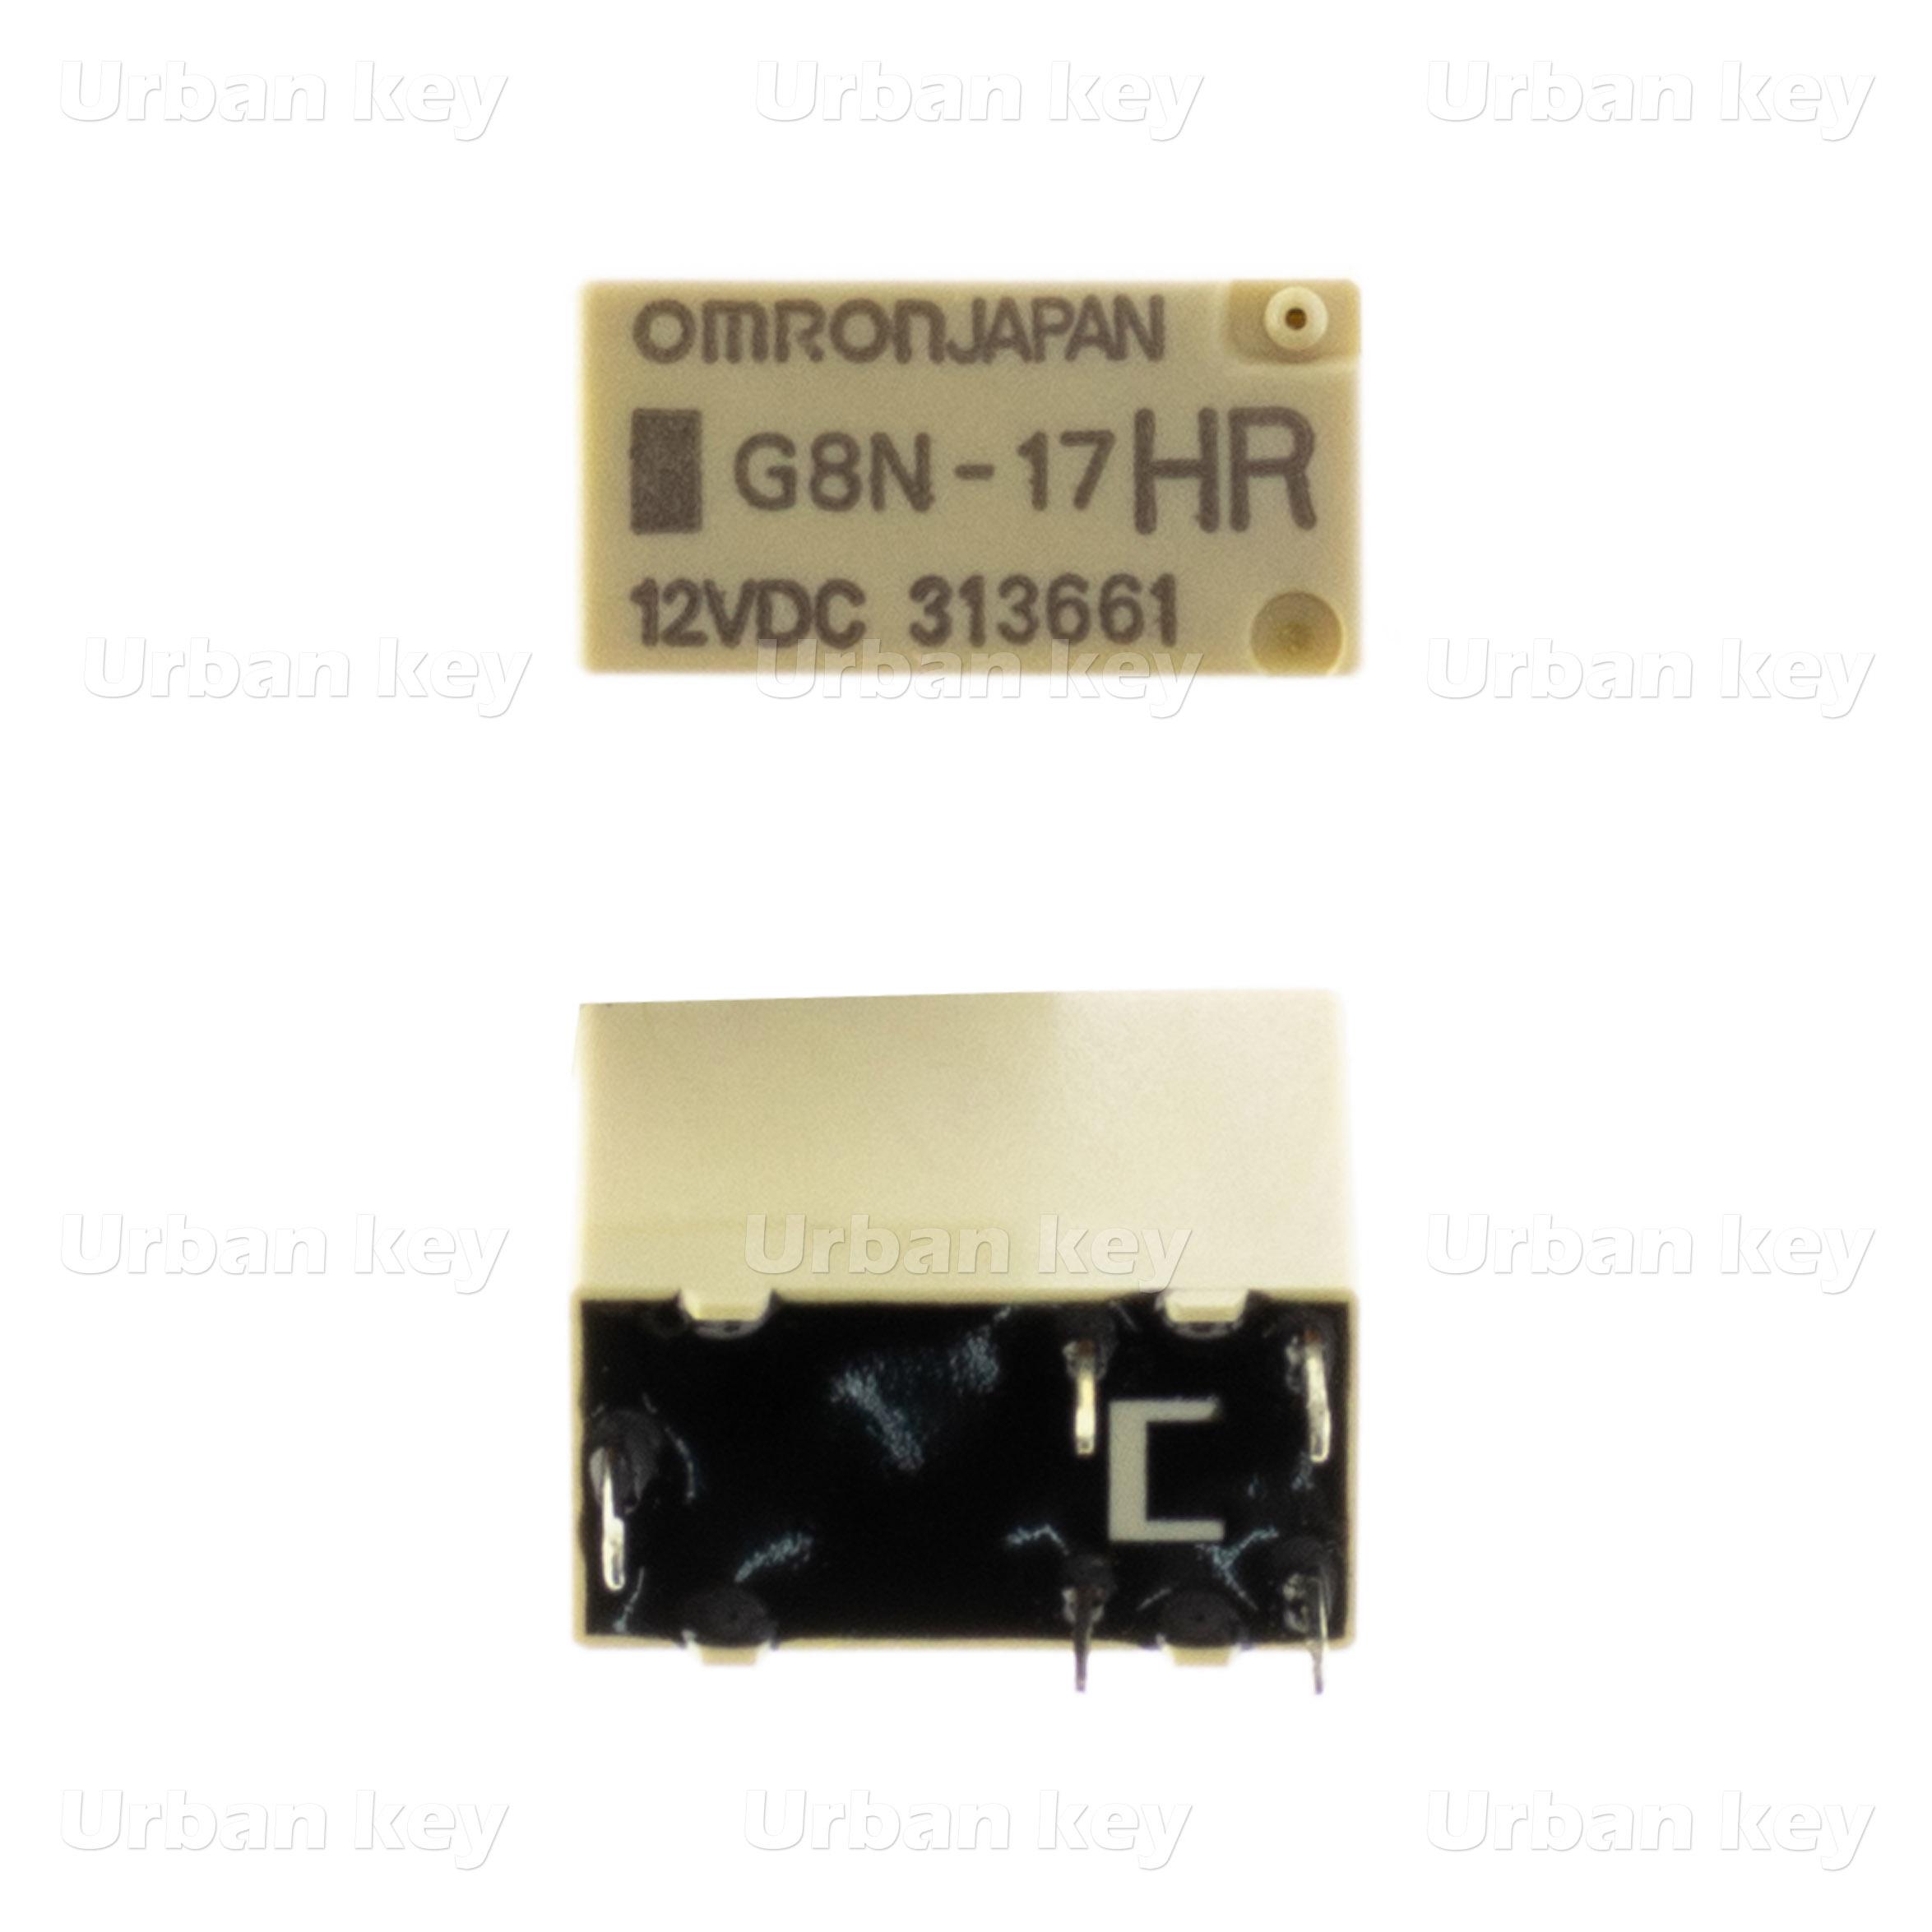 RELE G8N-17HR 12VDC